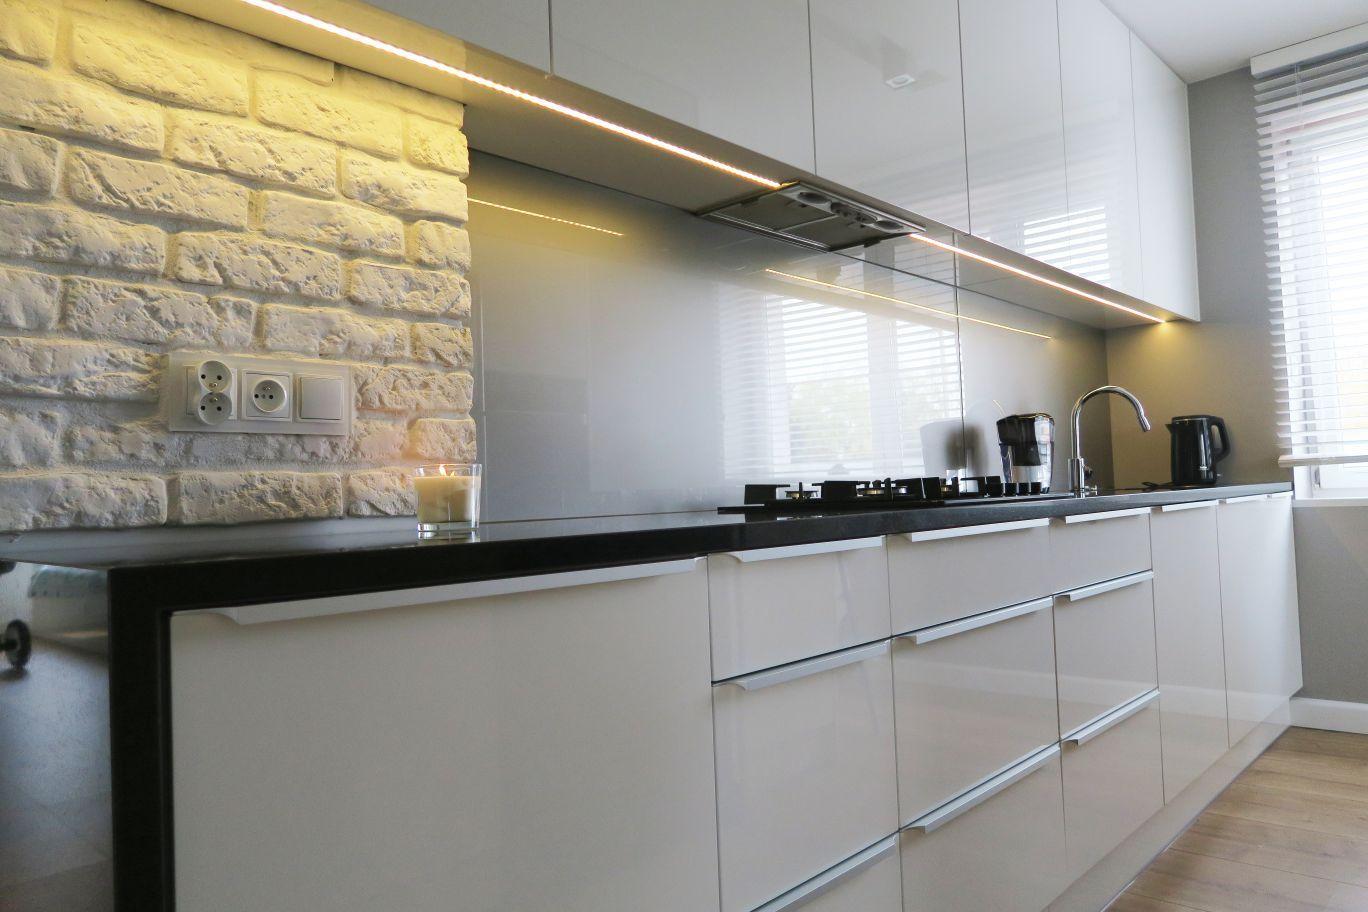 Kuchnia Na Wysoki Polysk Home Decor Home Kitchen Cabinets